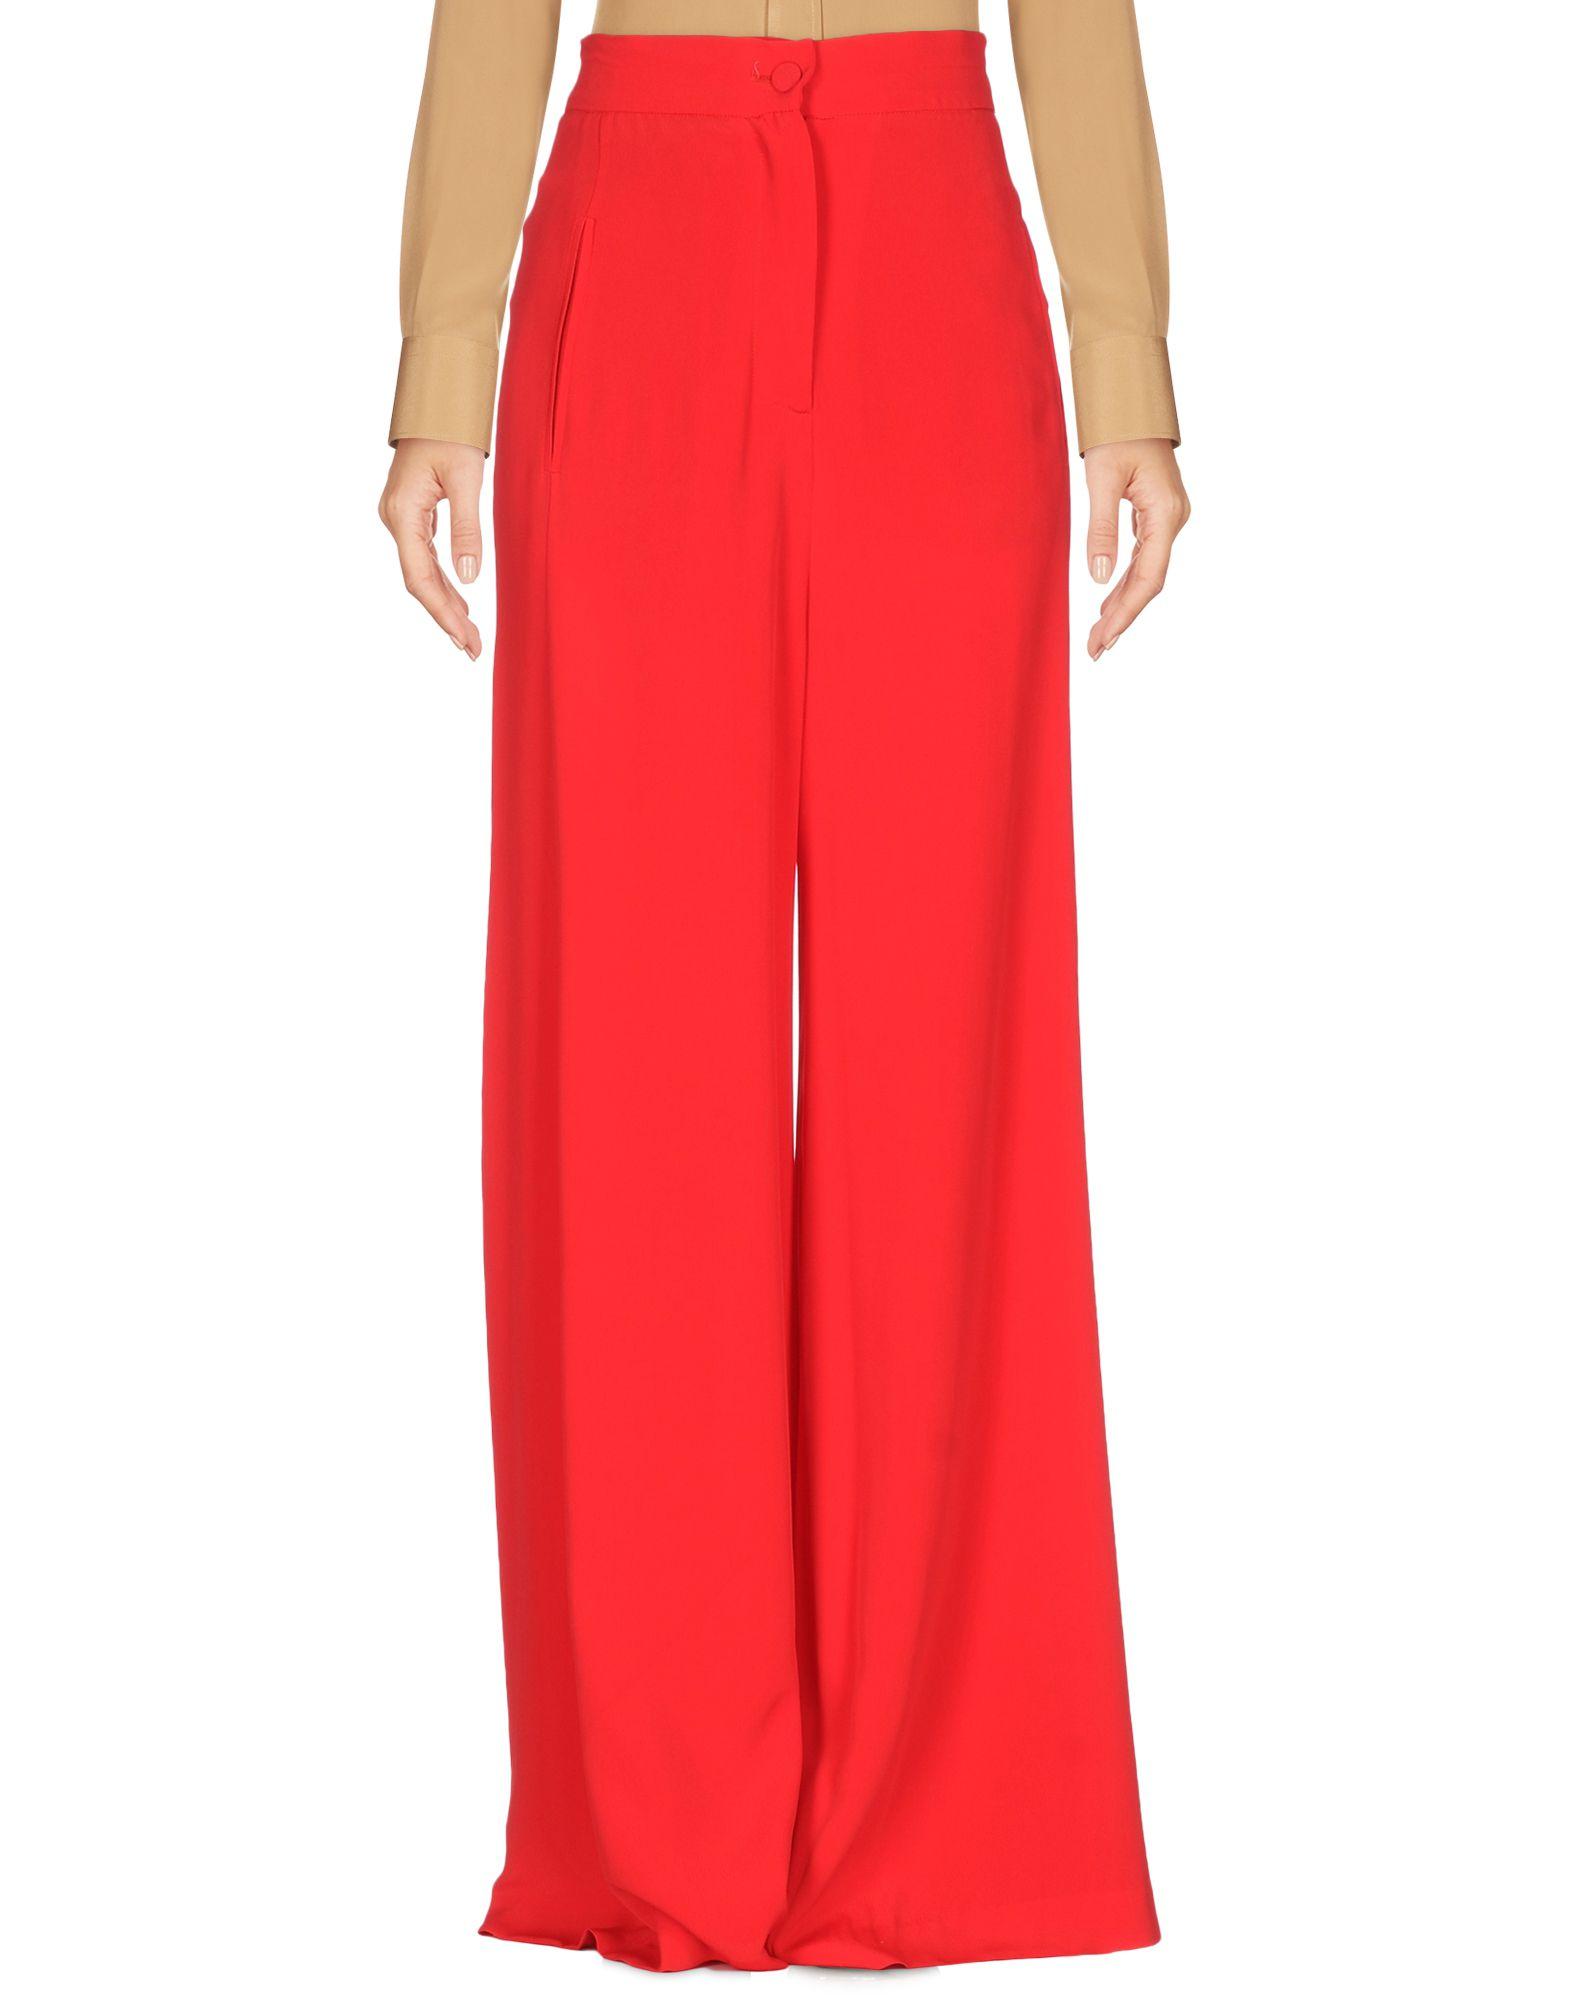 Pantalone Suoli Donna - Acquista online su Gtbgg7